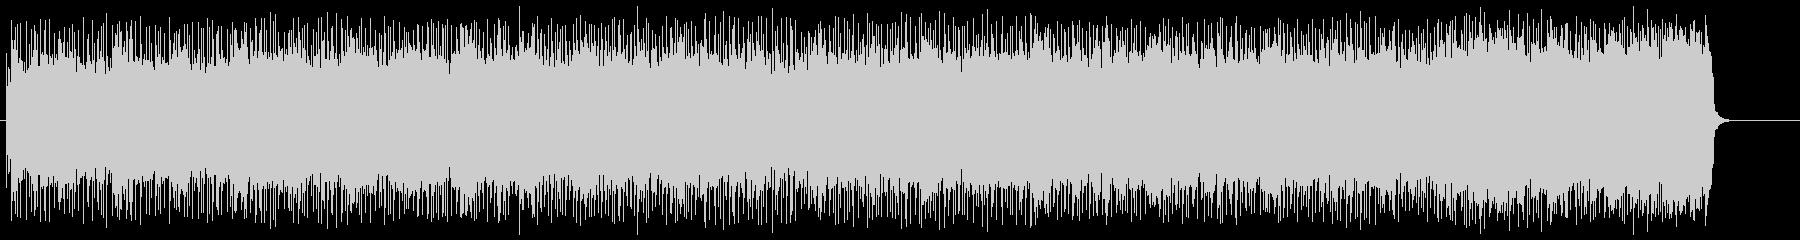 激闘マイナー・ファンク・メタルの未再生の波形